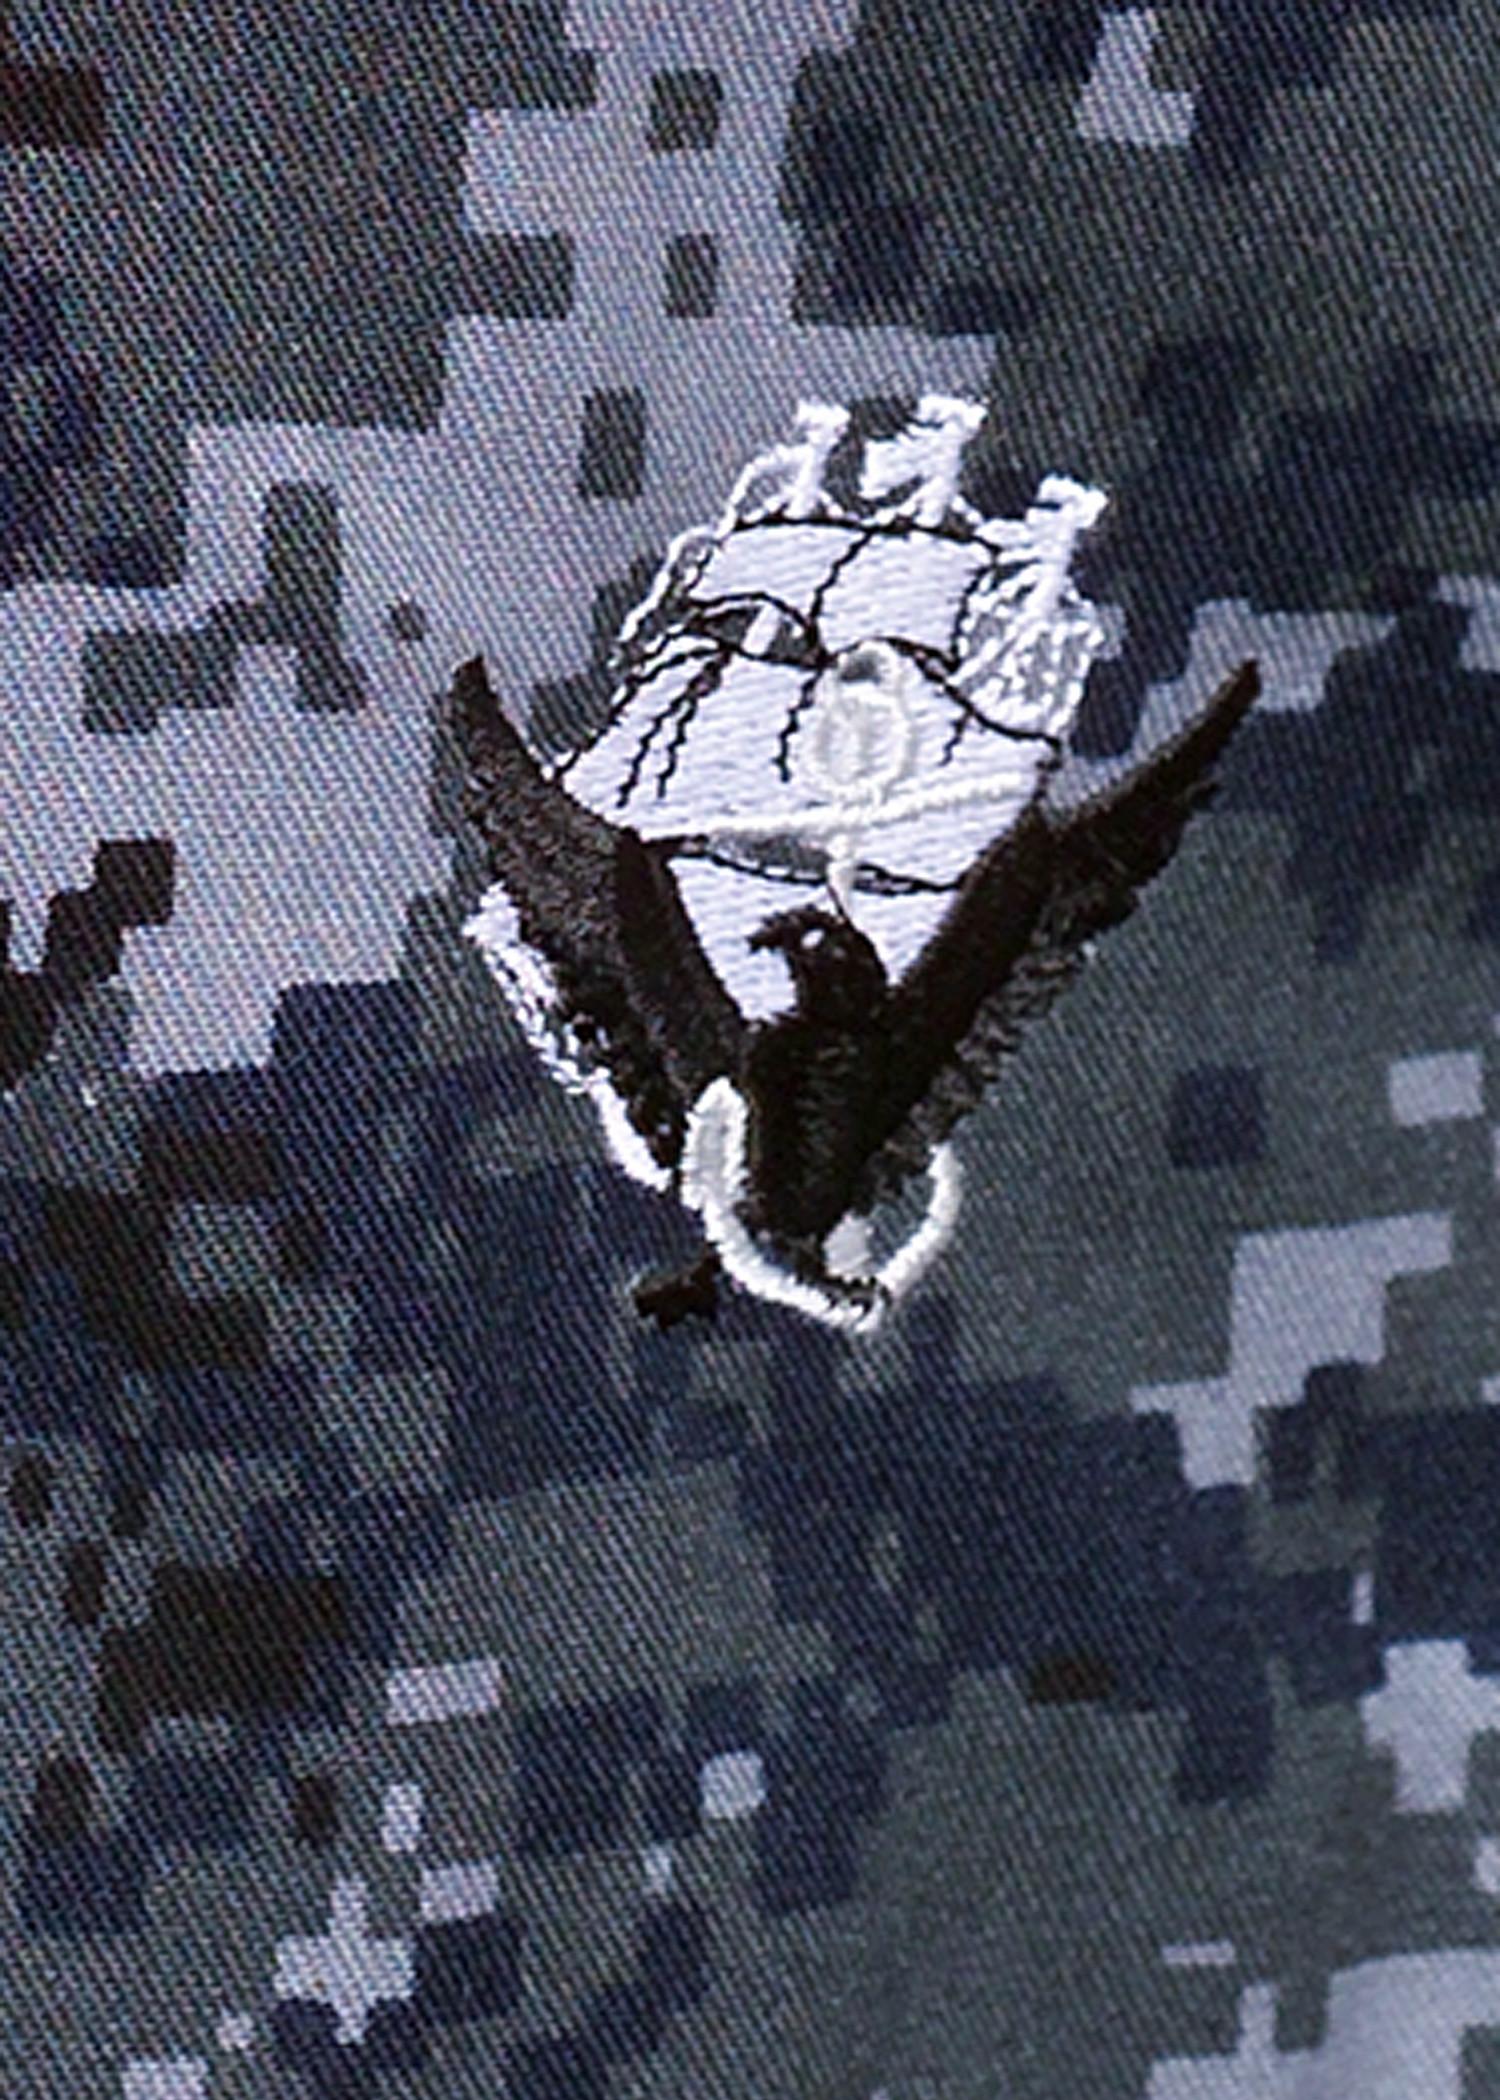 File:Navy WCU Insignia.jpg